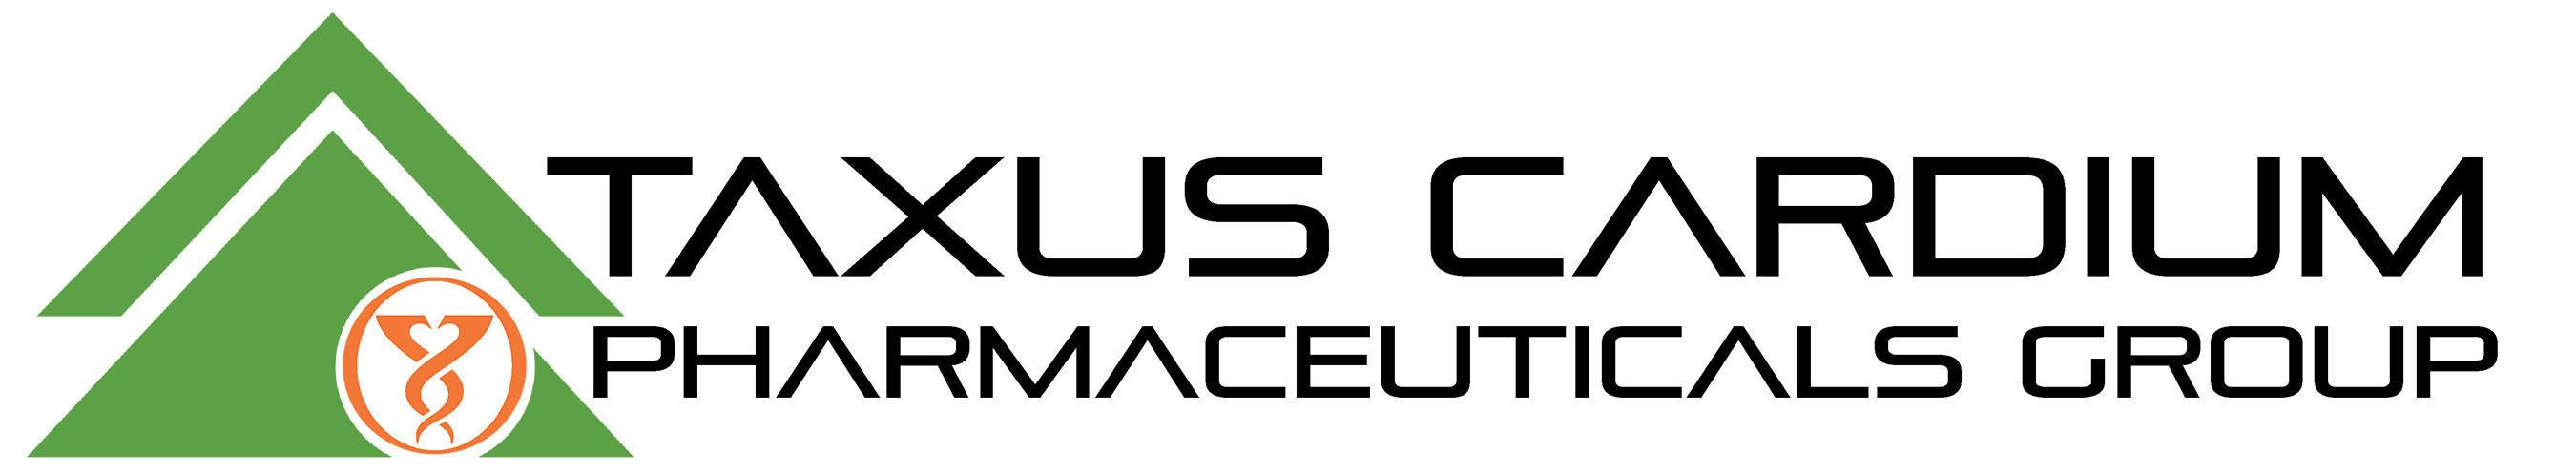 Taxus Cardium Pharmaceuticals Group Logo. (PRNewsFoto/Taxus Cardium Pharmaceuticals Group Inc.) (PRNewsFoto/TAXUS CARDIUM PHARMACEUTICALS)